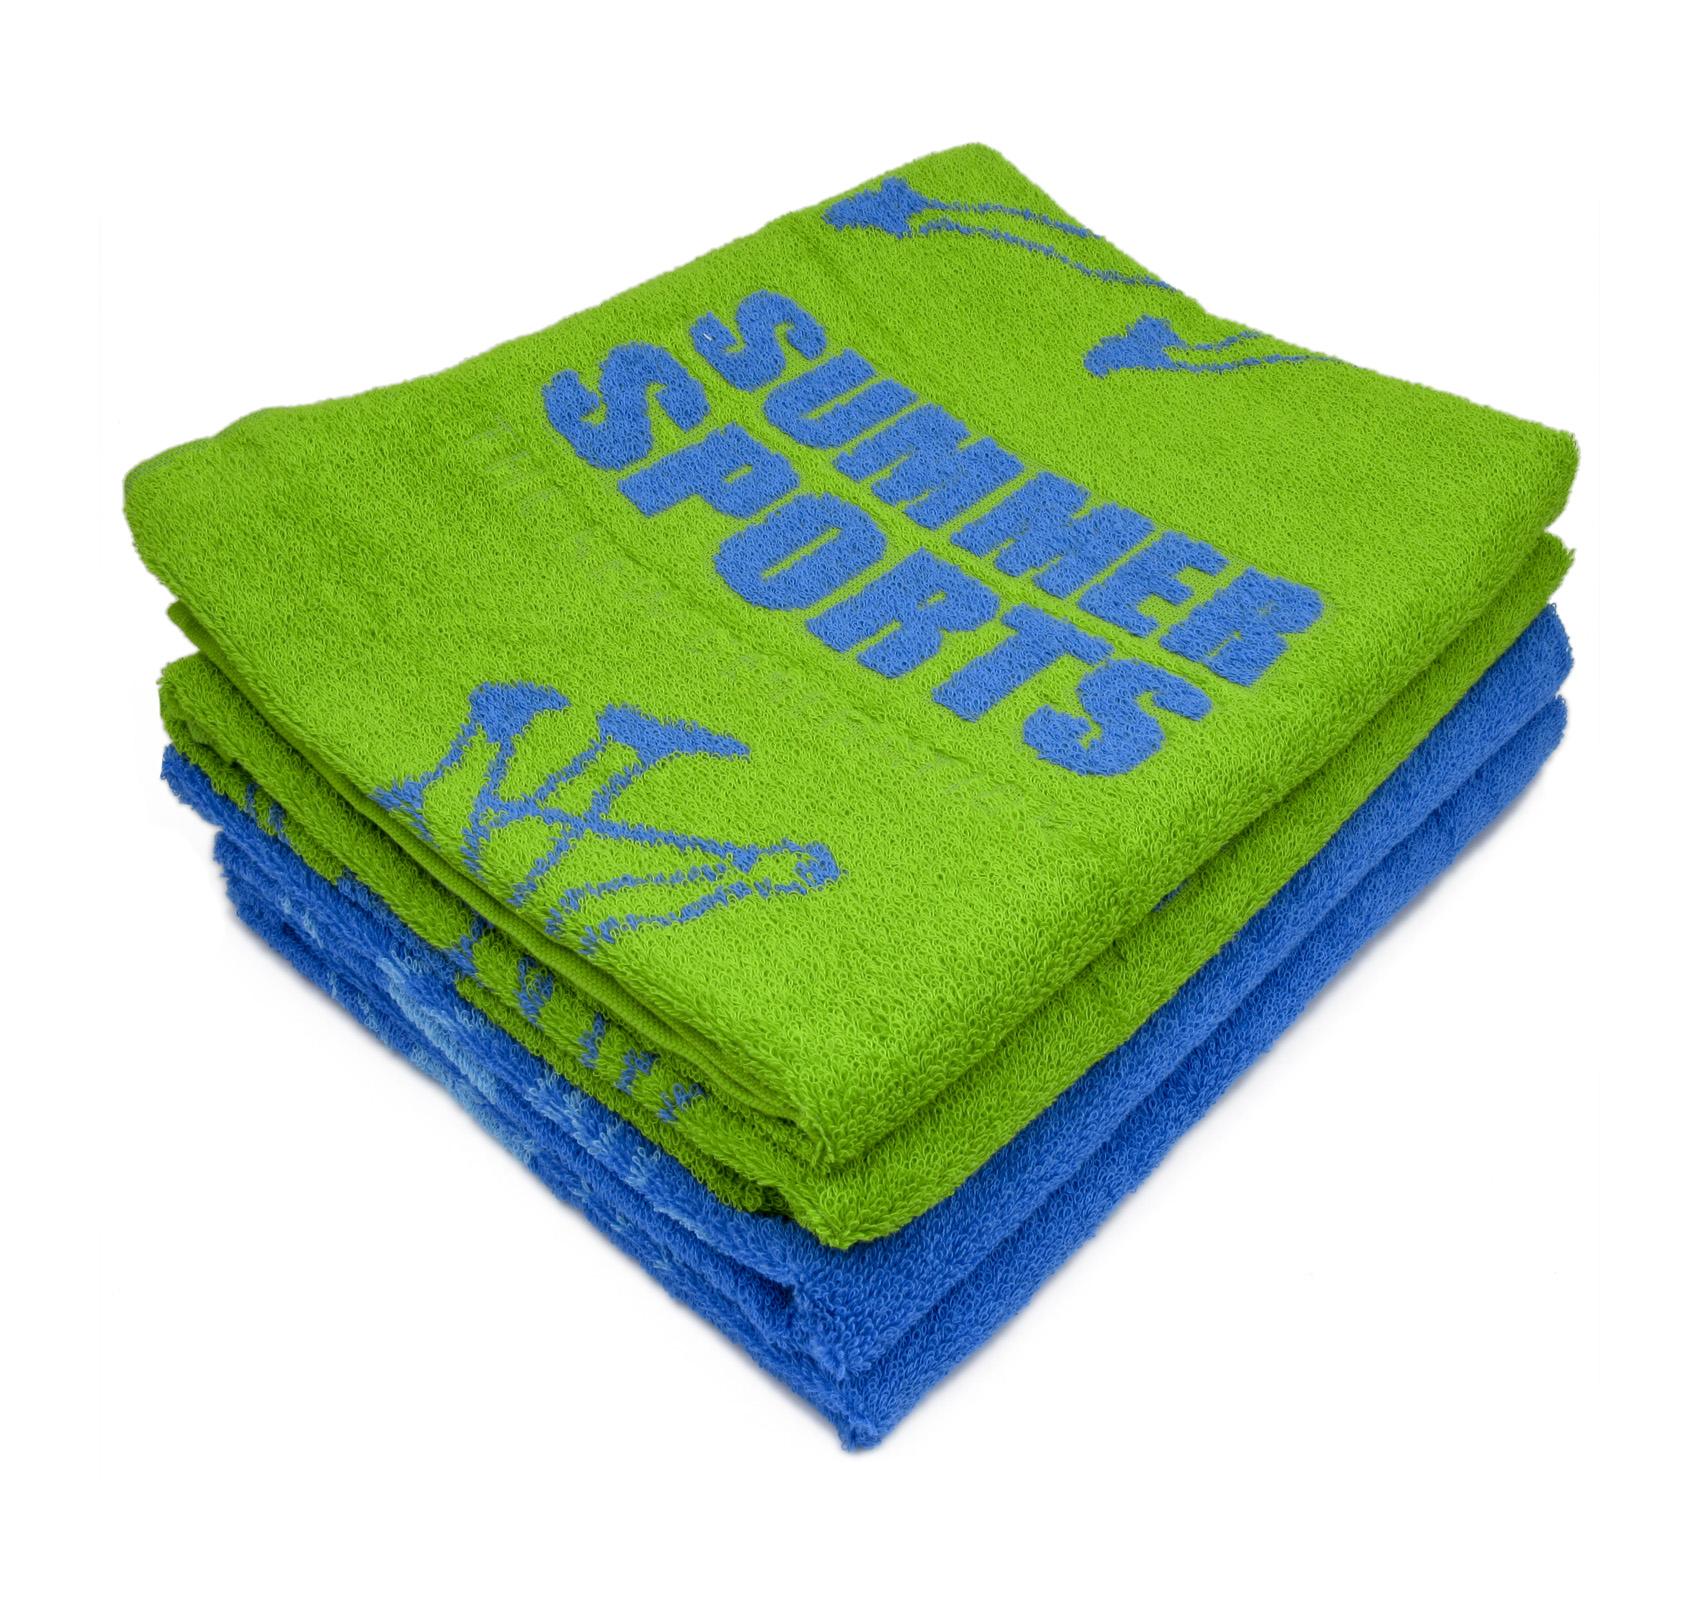 Полотенце Летние виды спорта, цвет Зеленый, размер 50х90 смМахровые полотенца<br>Плотность ткани:410 г/кв. м.<br><br>Тип: Полотенце<br>Размер: 50х90<br>Материал: Махра